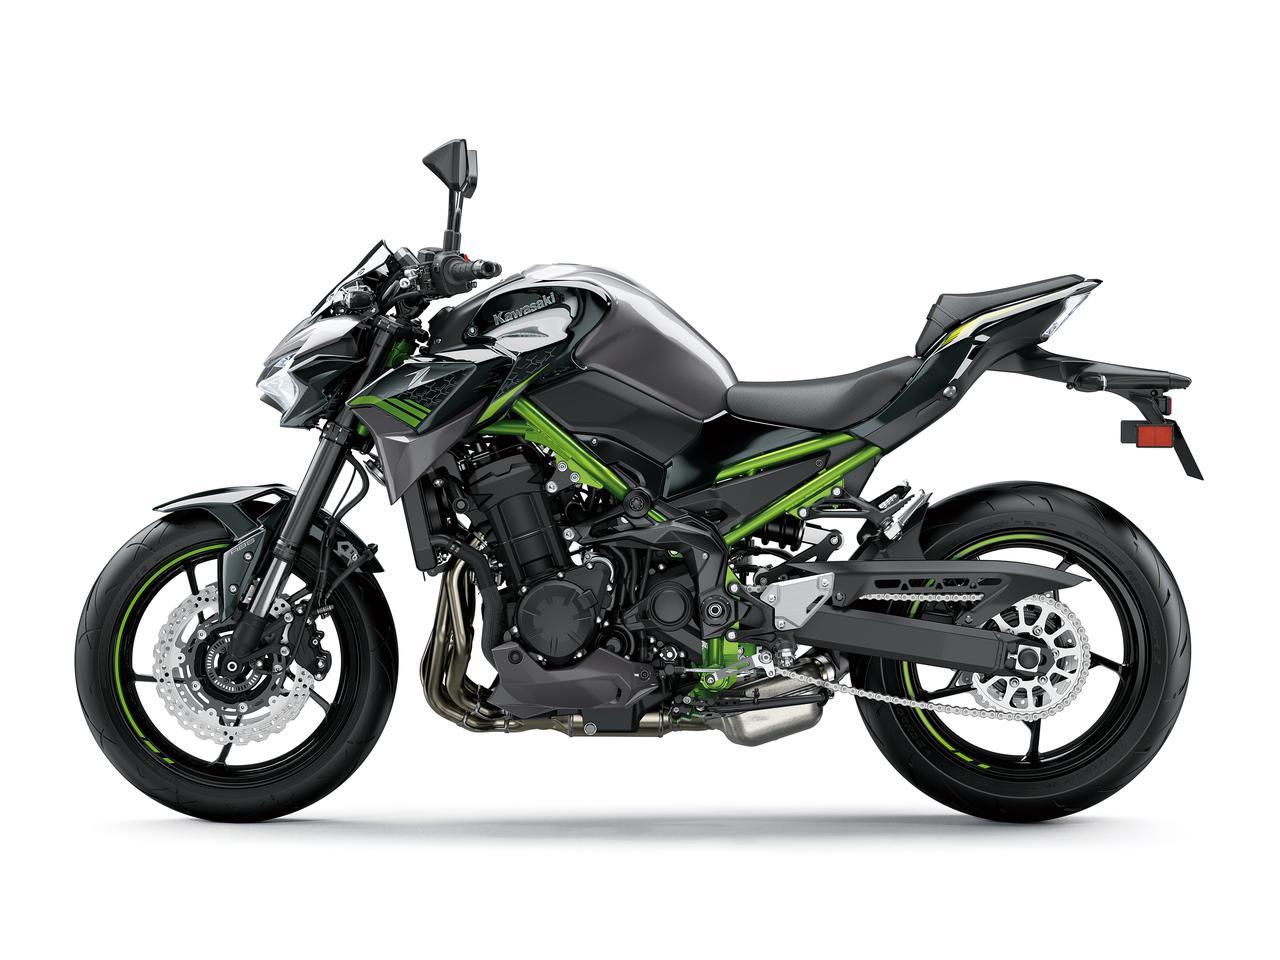 画像11: カワサキの新型「Z900」「Z650」は、デザインを「Z H2」のイメージに!? スタイリング紹介の第一報【EICMA 2019速報】